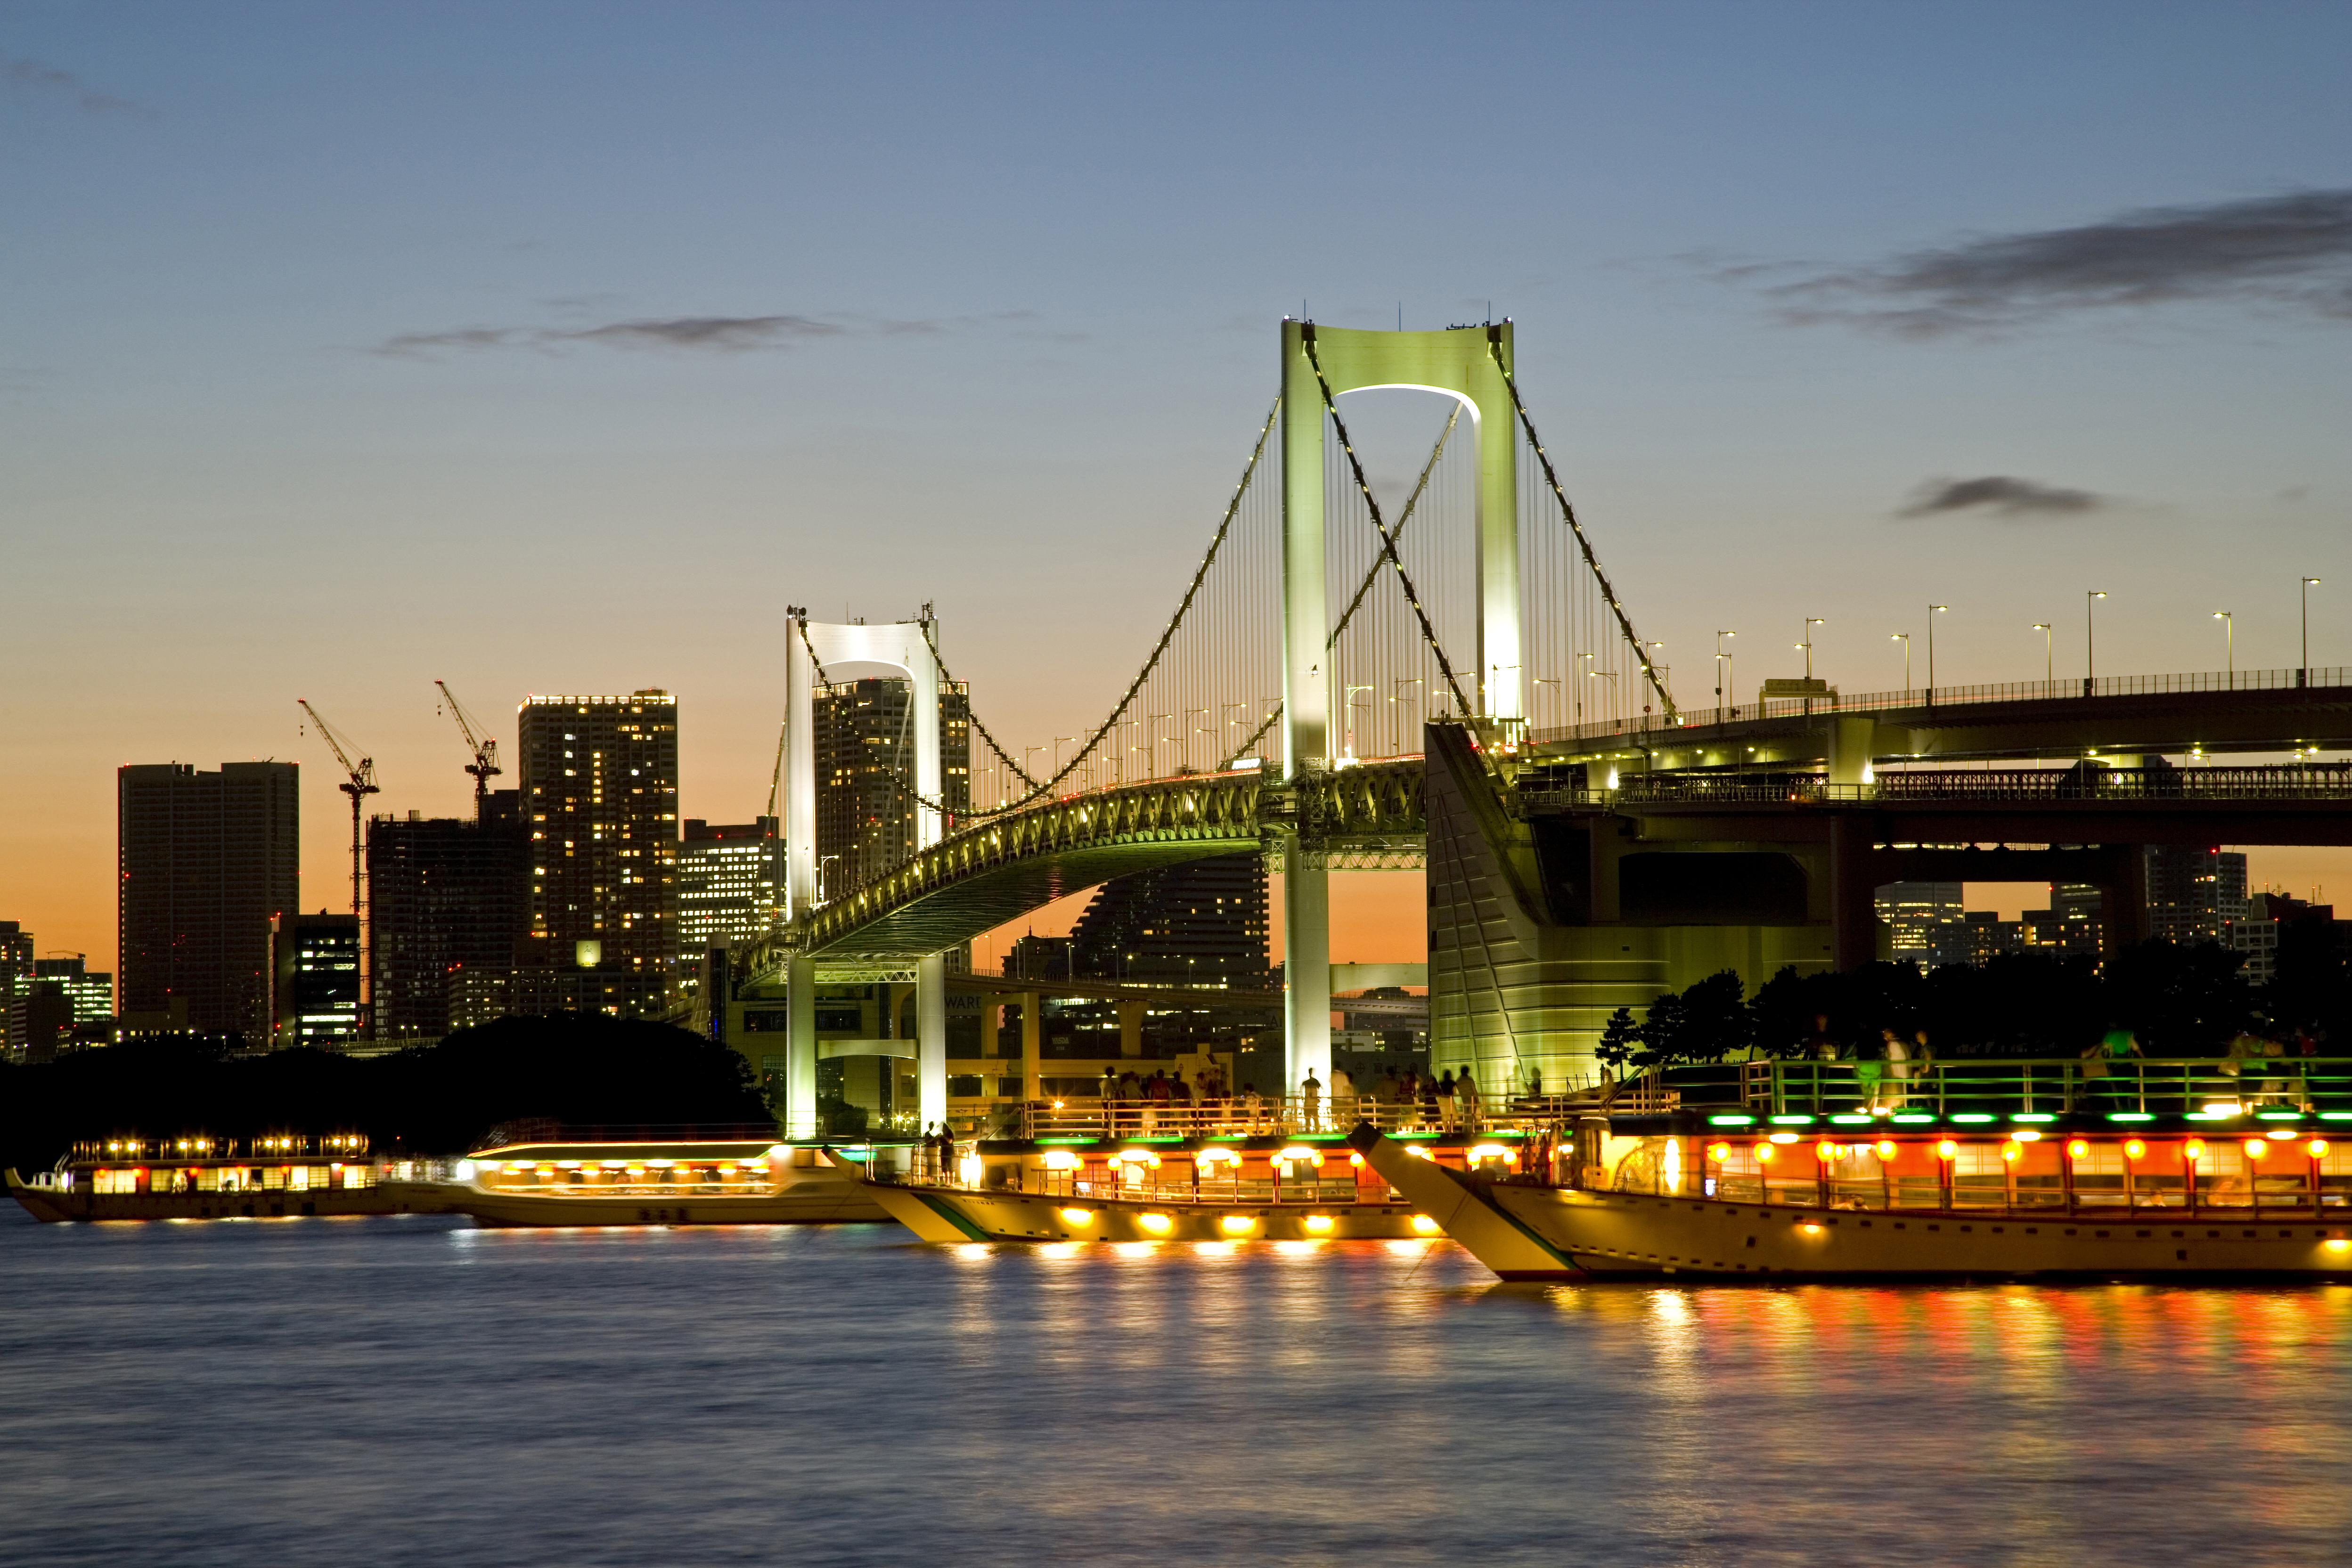 レインボーブリッジの夜景と東京湾に浮かぶたくさんの屋形船